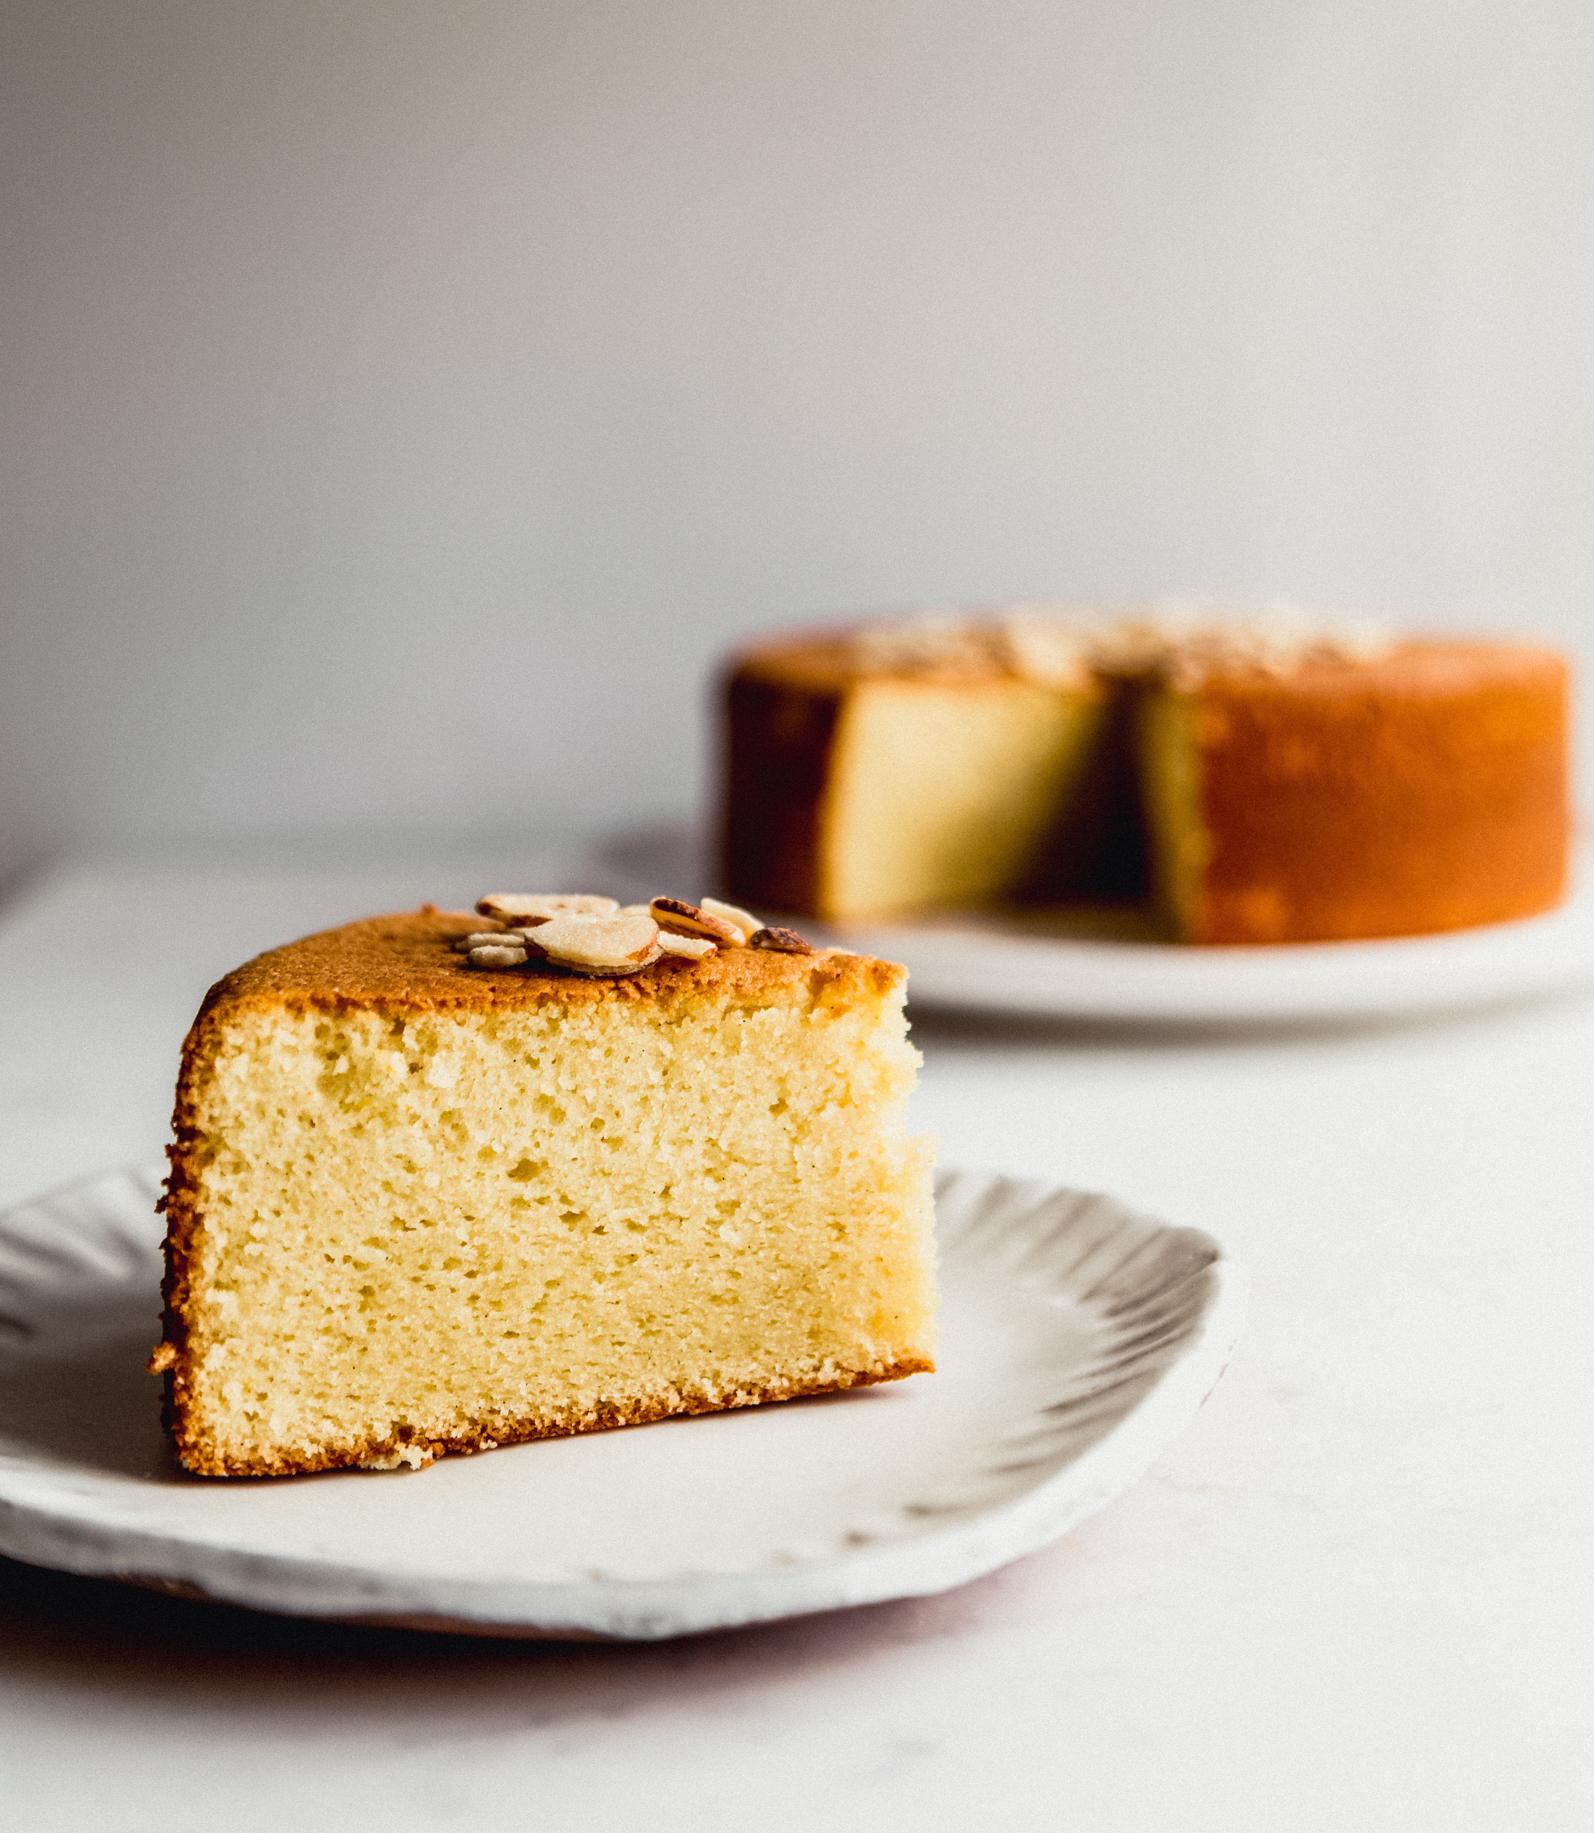 almond olive oil cake resized-1.jpg